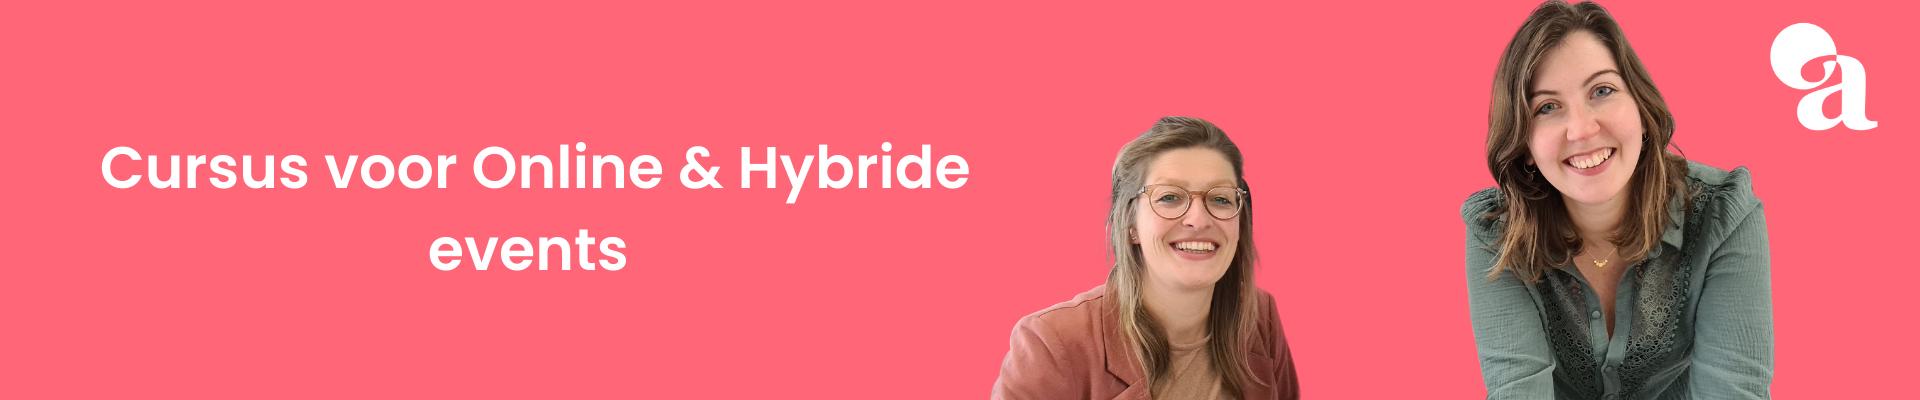 Cursus voor Online & Hybride events